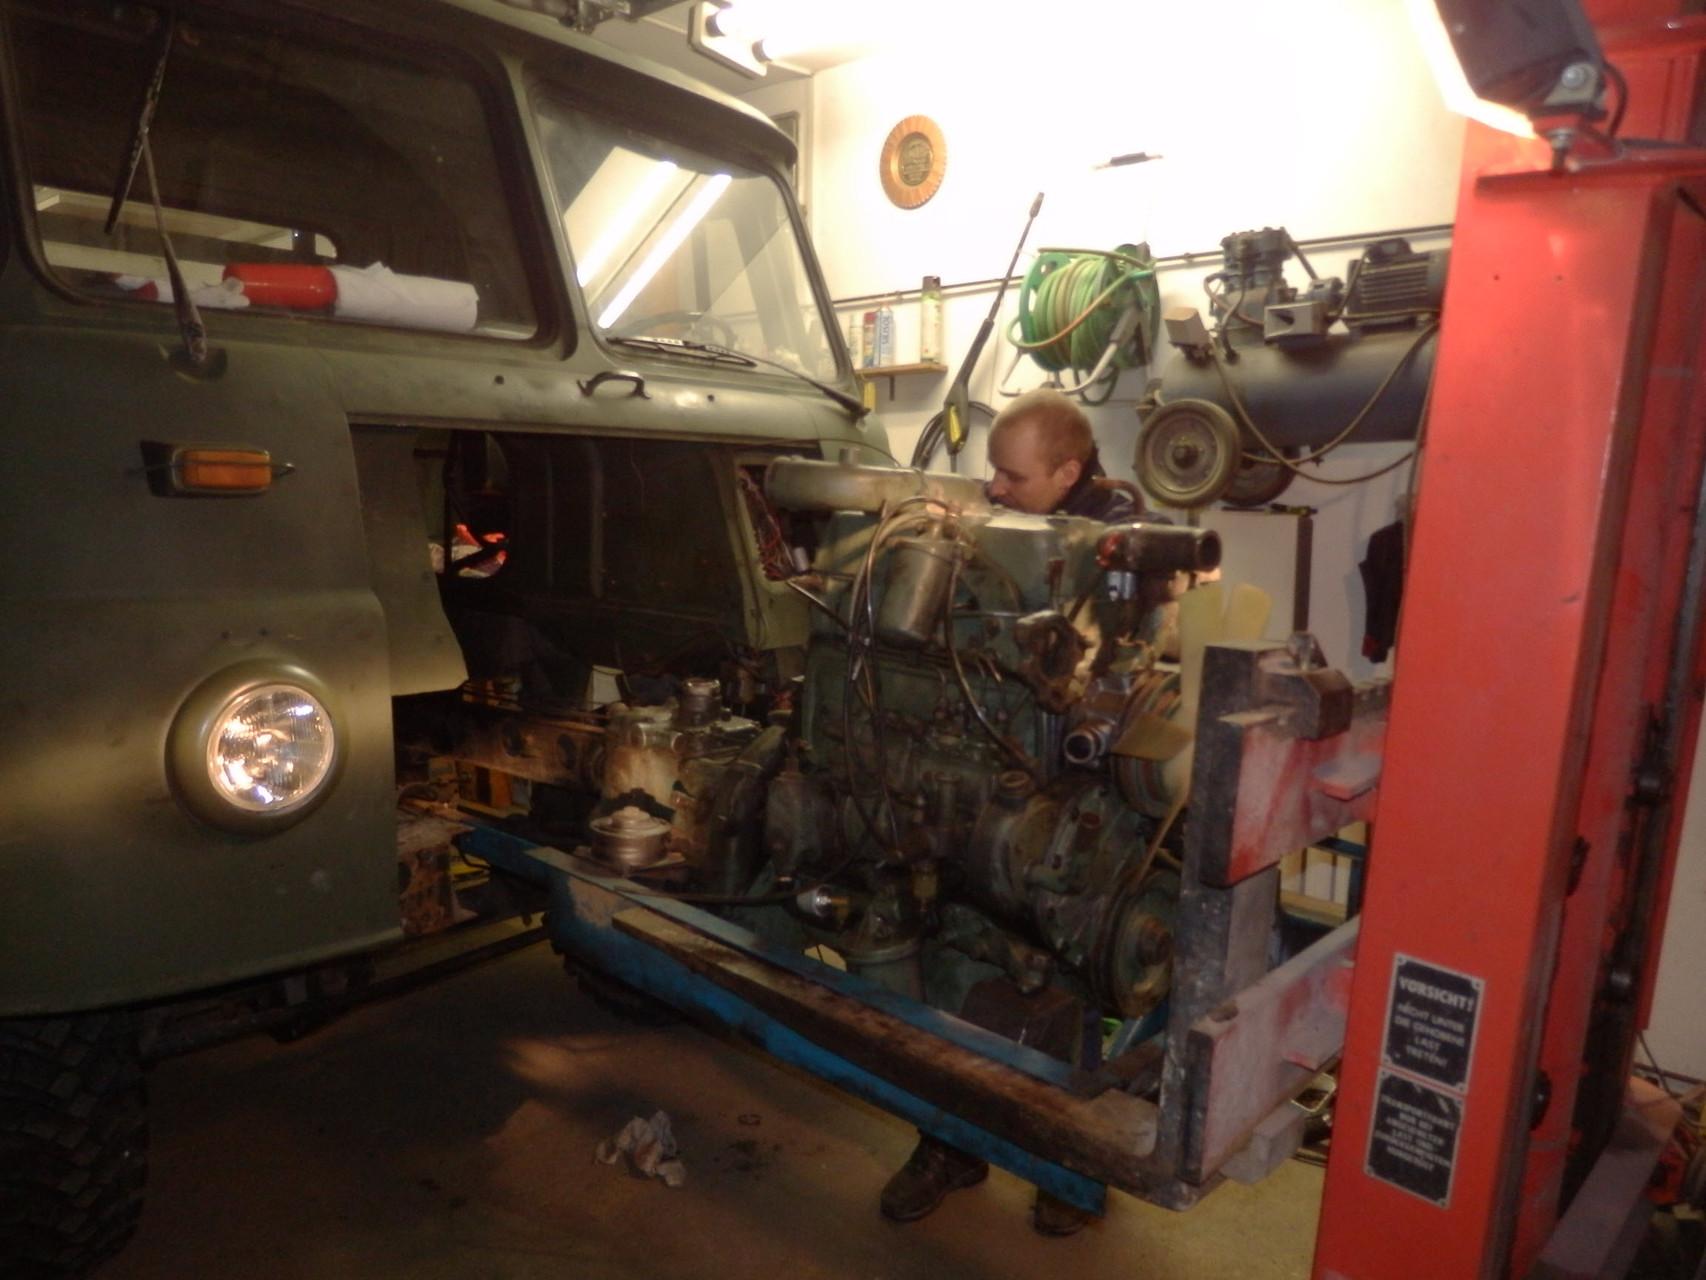 Ein anderer Motor bahnt sich seinen Weg.